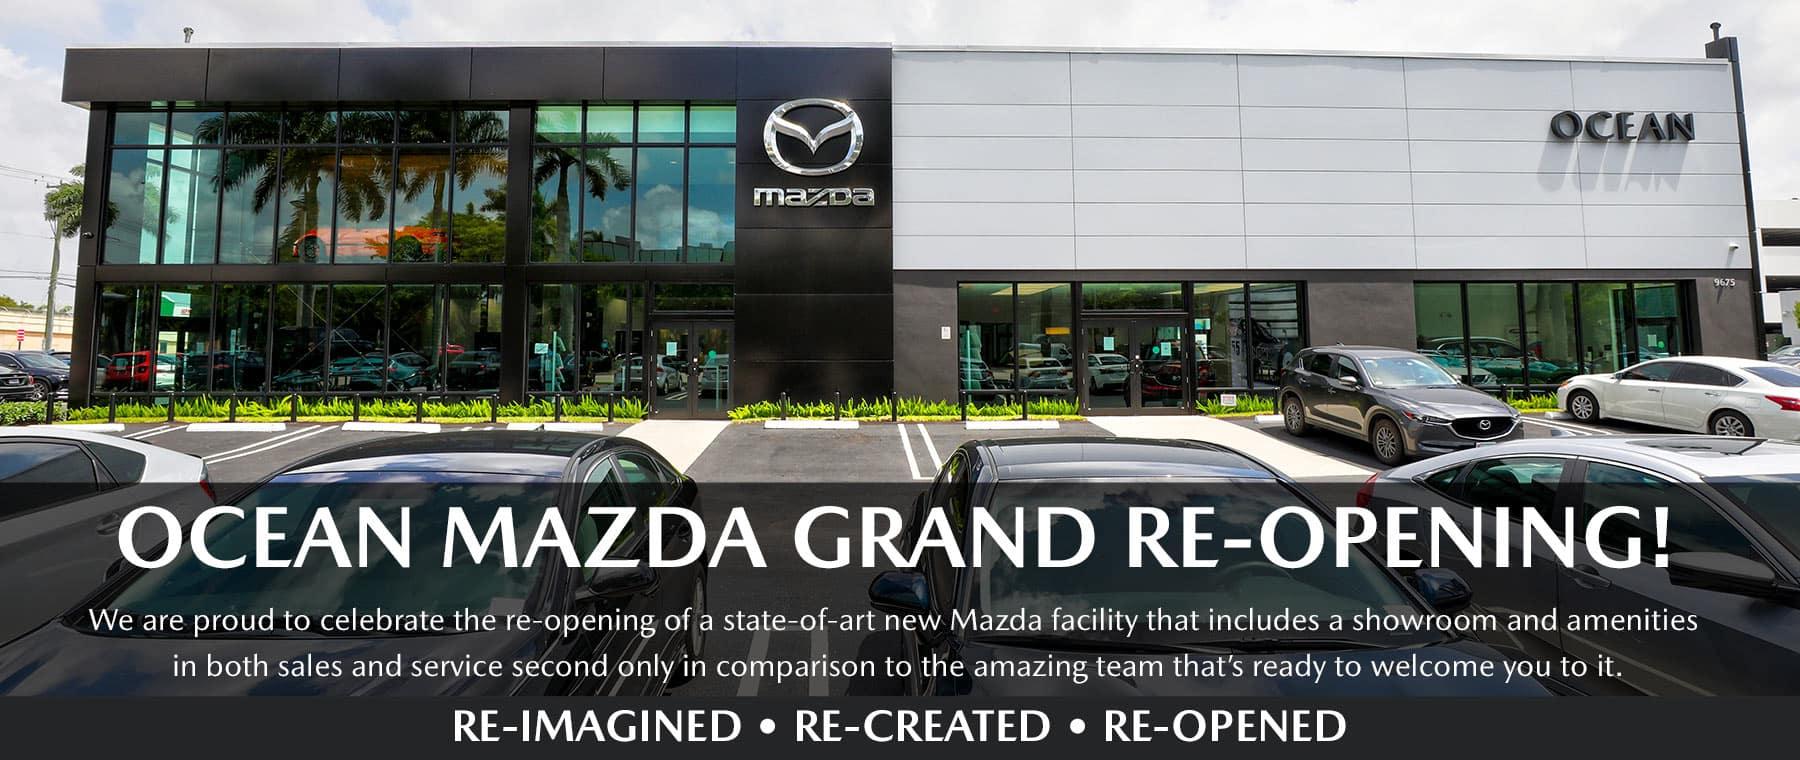 OceanMazda_GrandOpening_Slide_ReOpened_10-2020